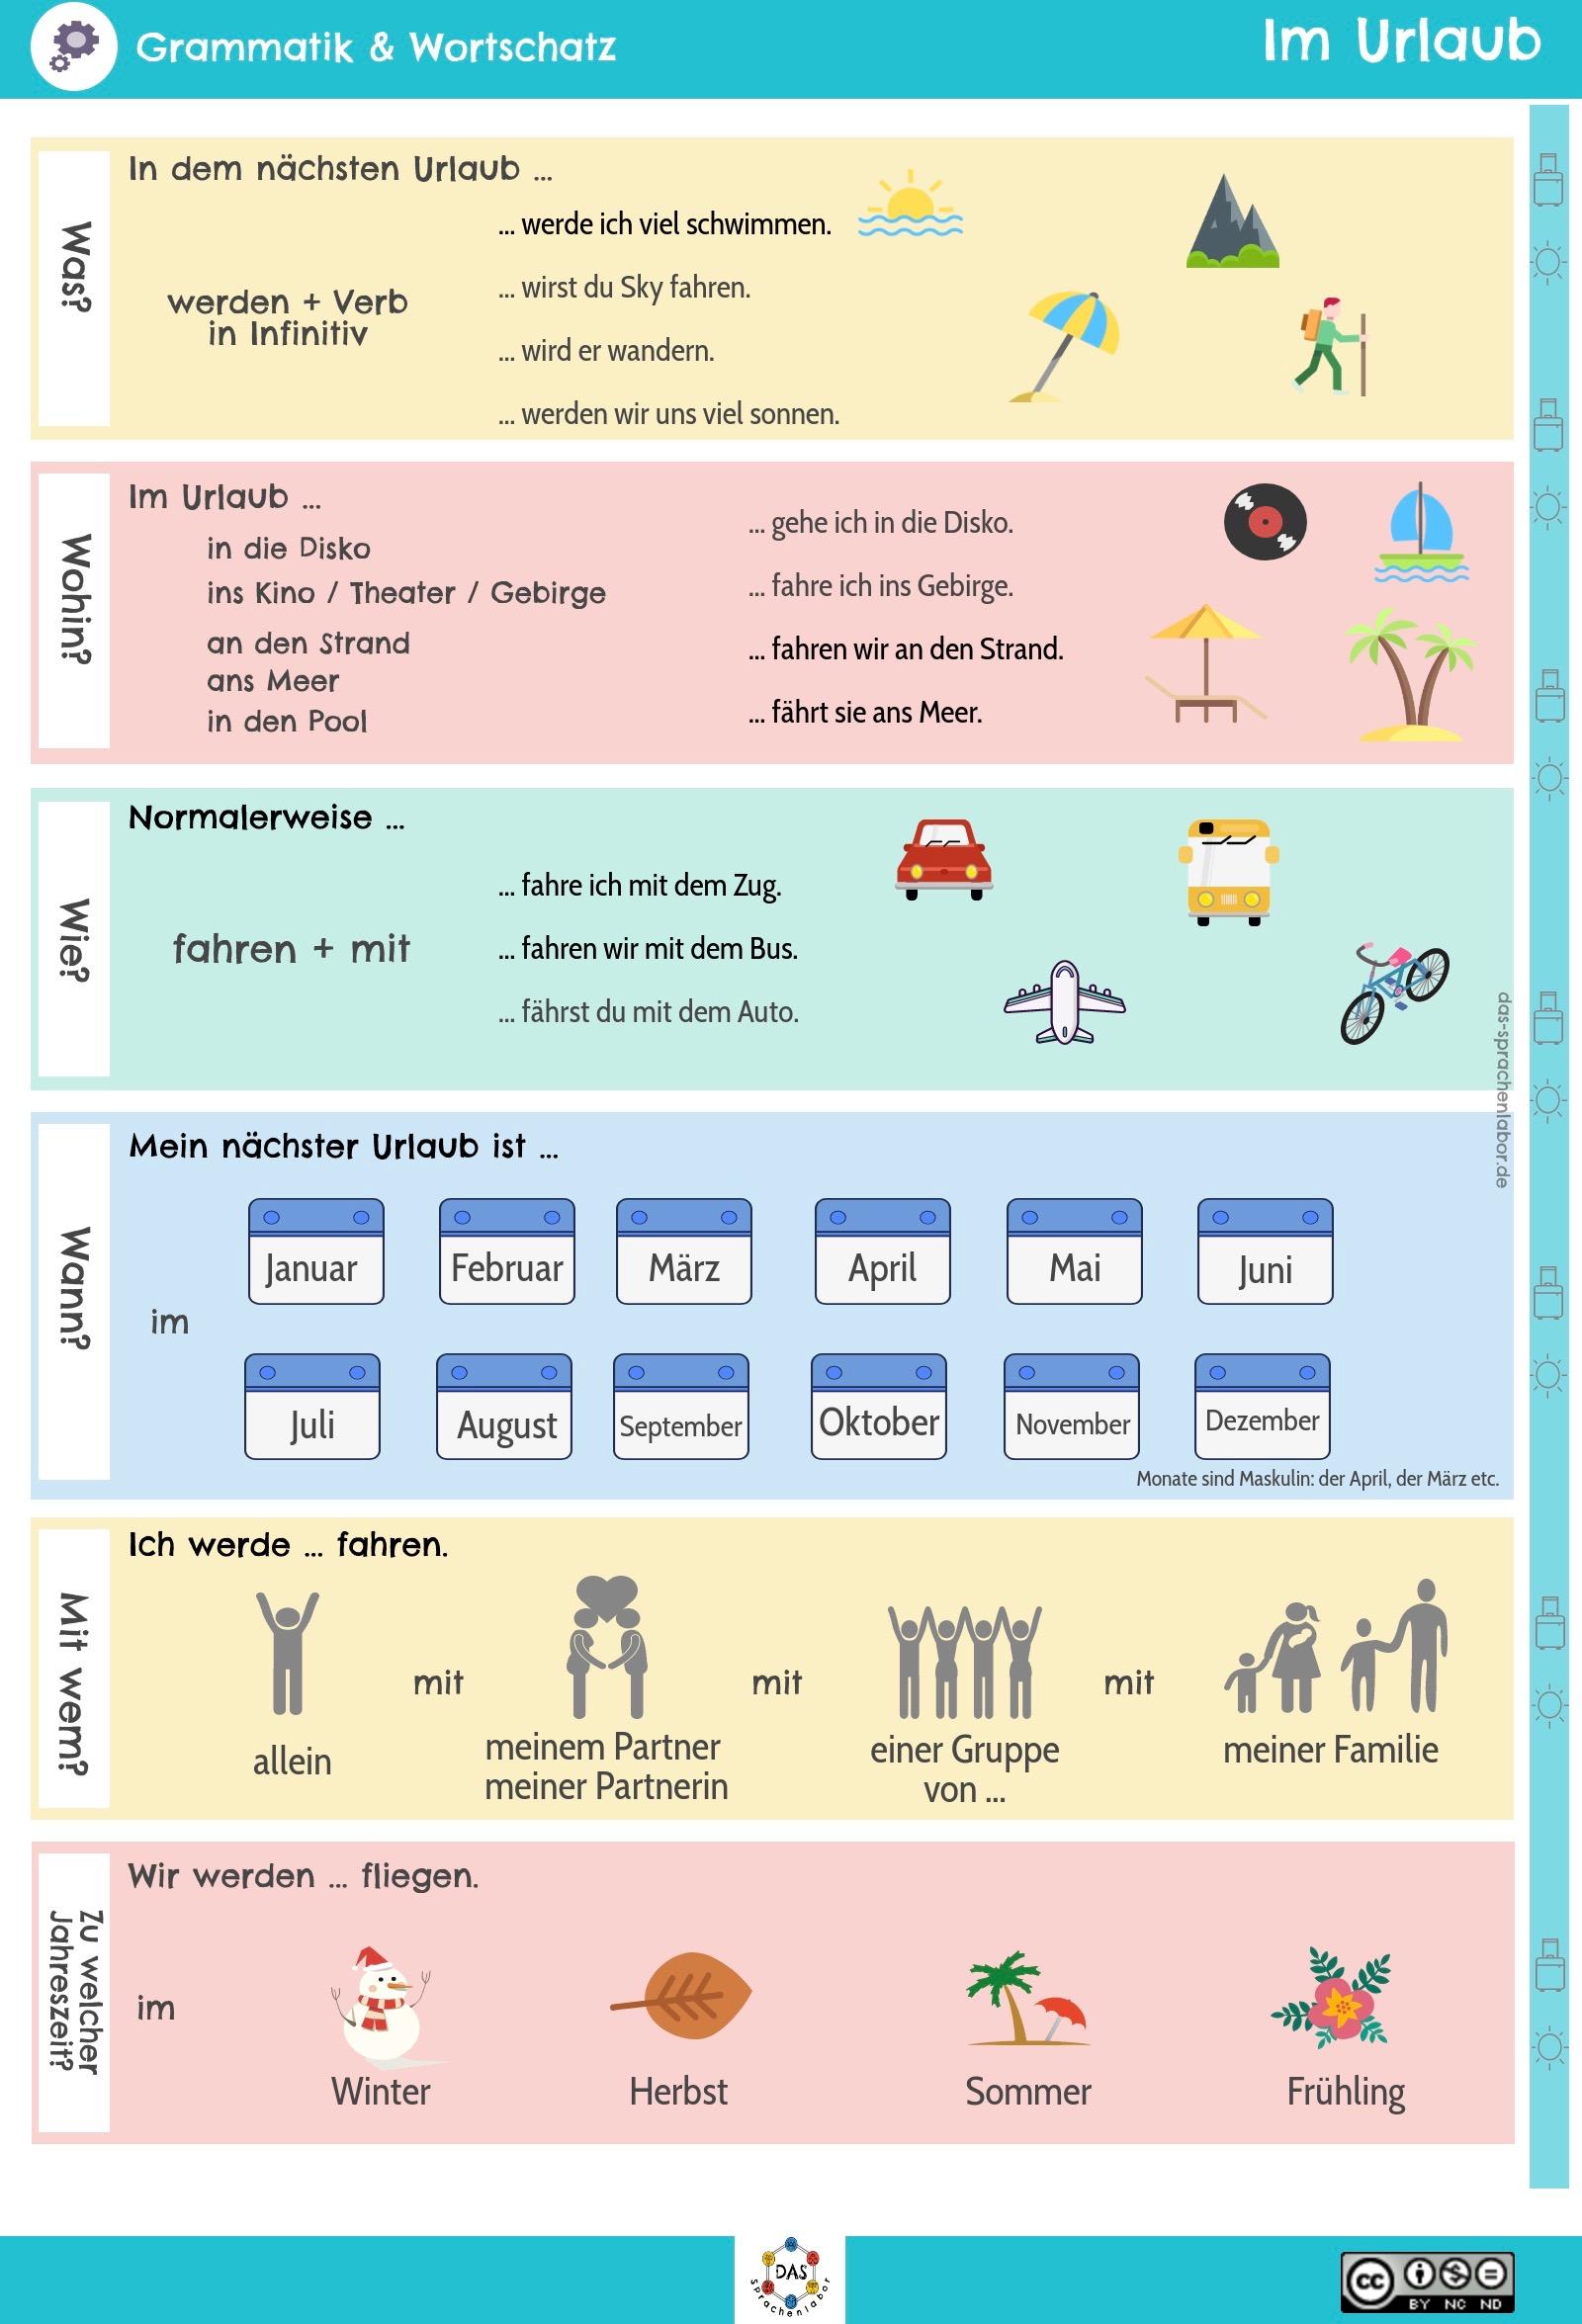 im Urlabu- infographie